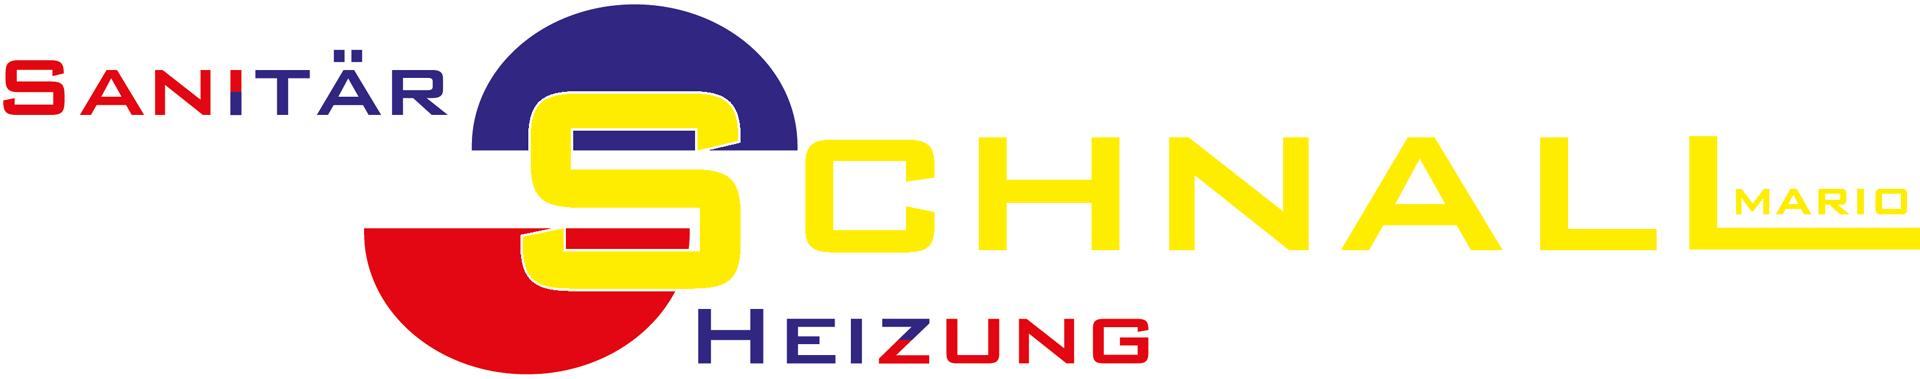 🔧 Sanitär & Heizung Mario Schnall